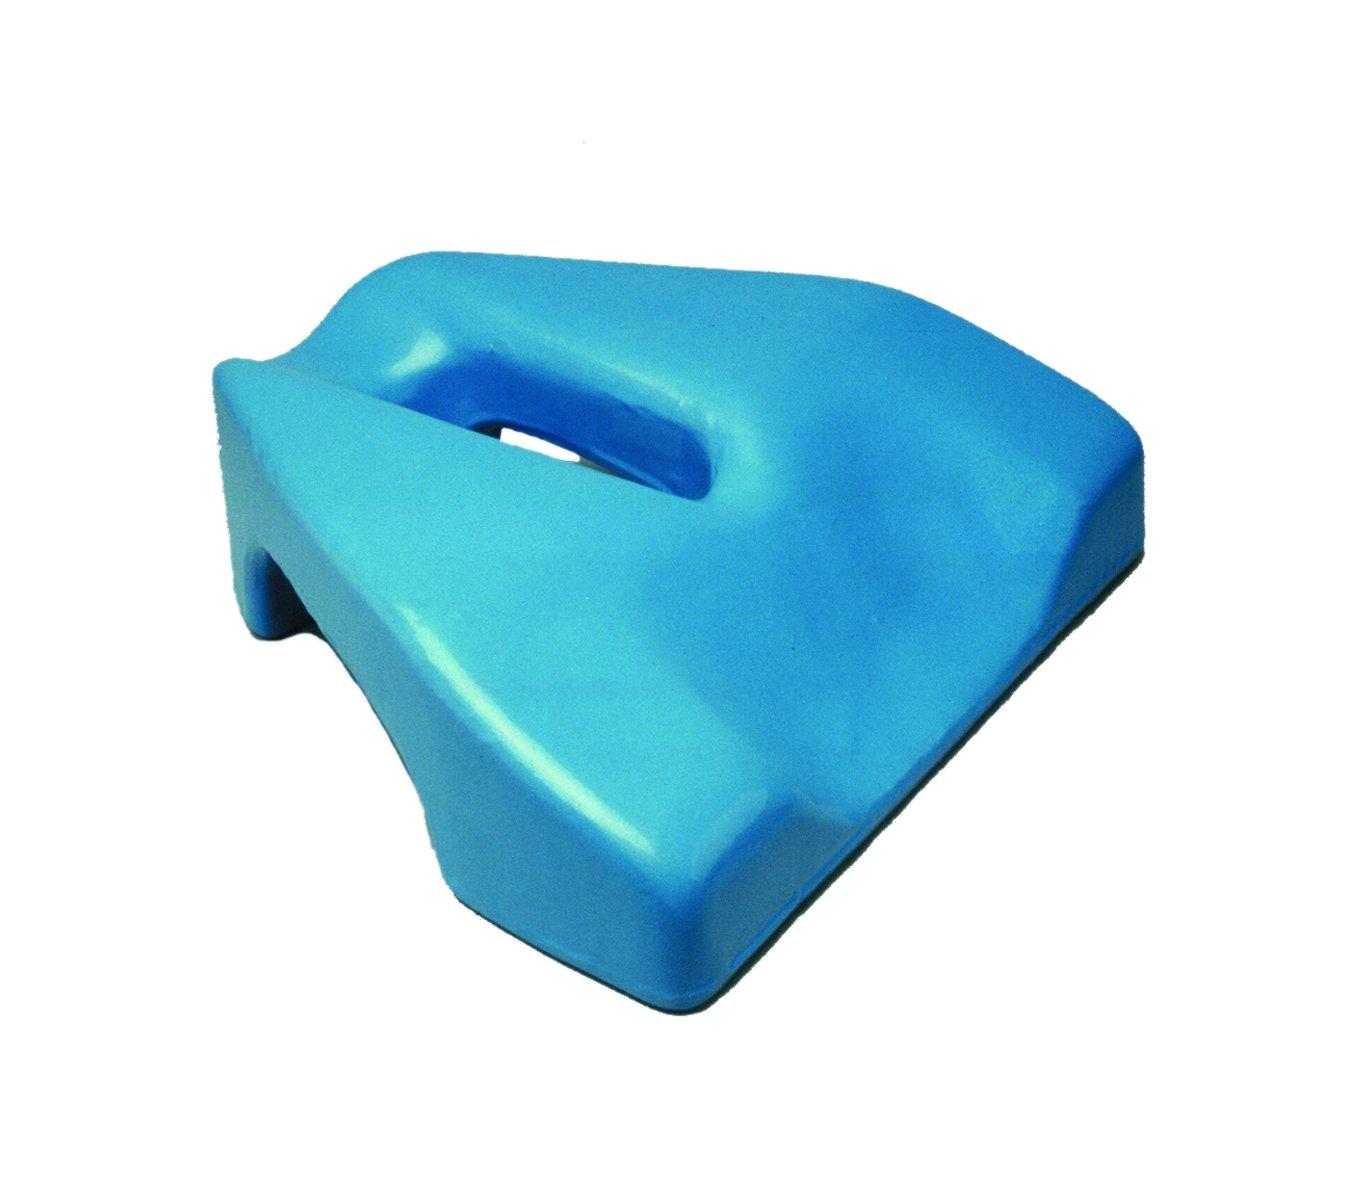 Pron-Pillo 00-4206 Face Cradle Pillow